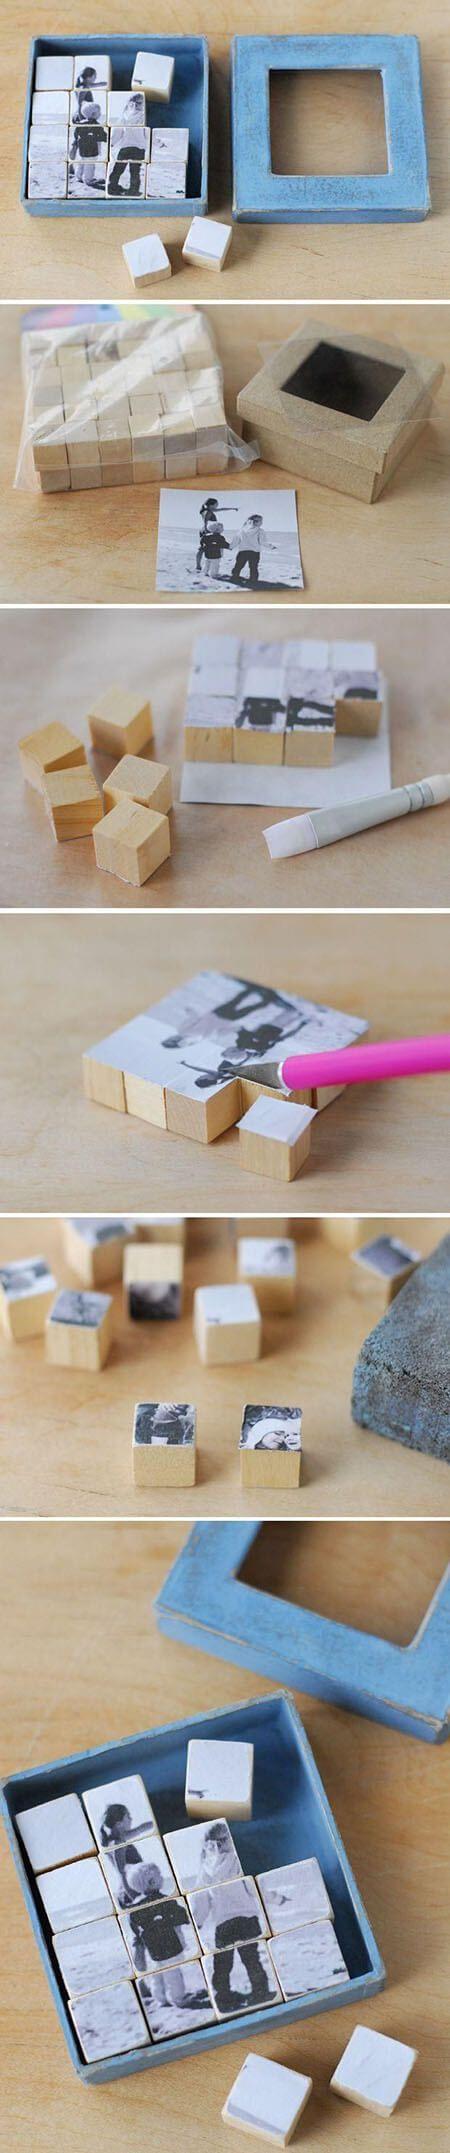 die besten 17 ideen zu w rfelspiele auf pinterest kartenspiele w rfelspiele und familie spa. Black Bedroom Furniture Sets. Home Design Ideas